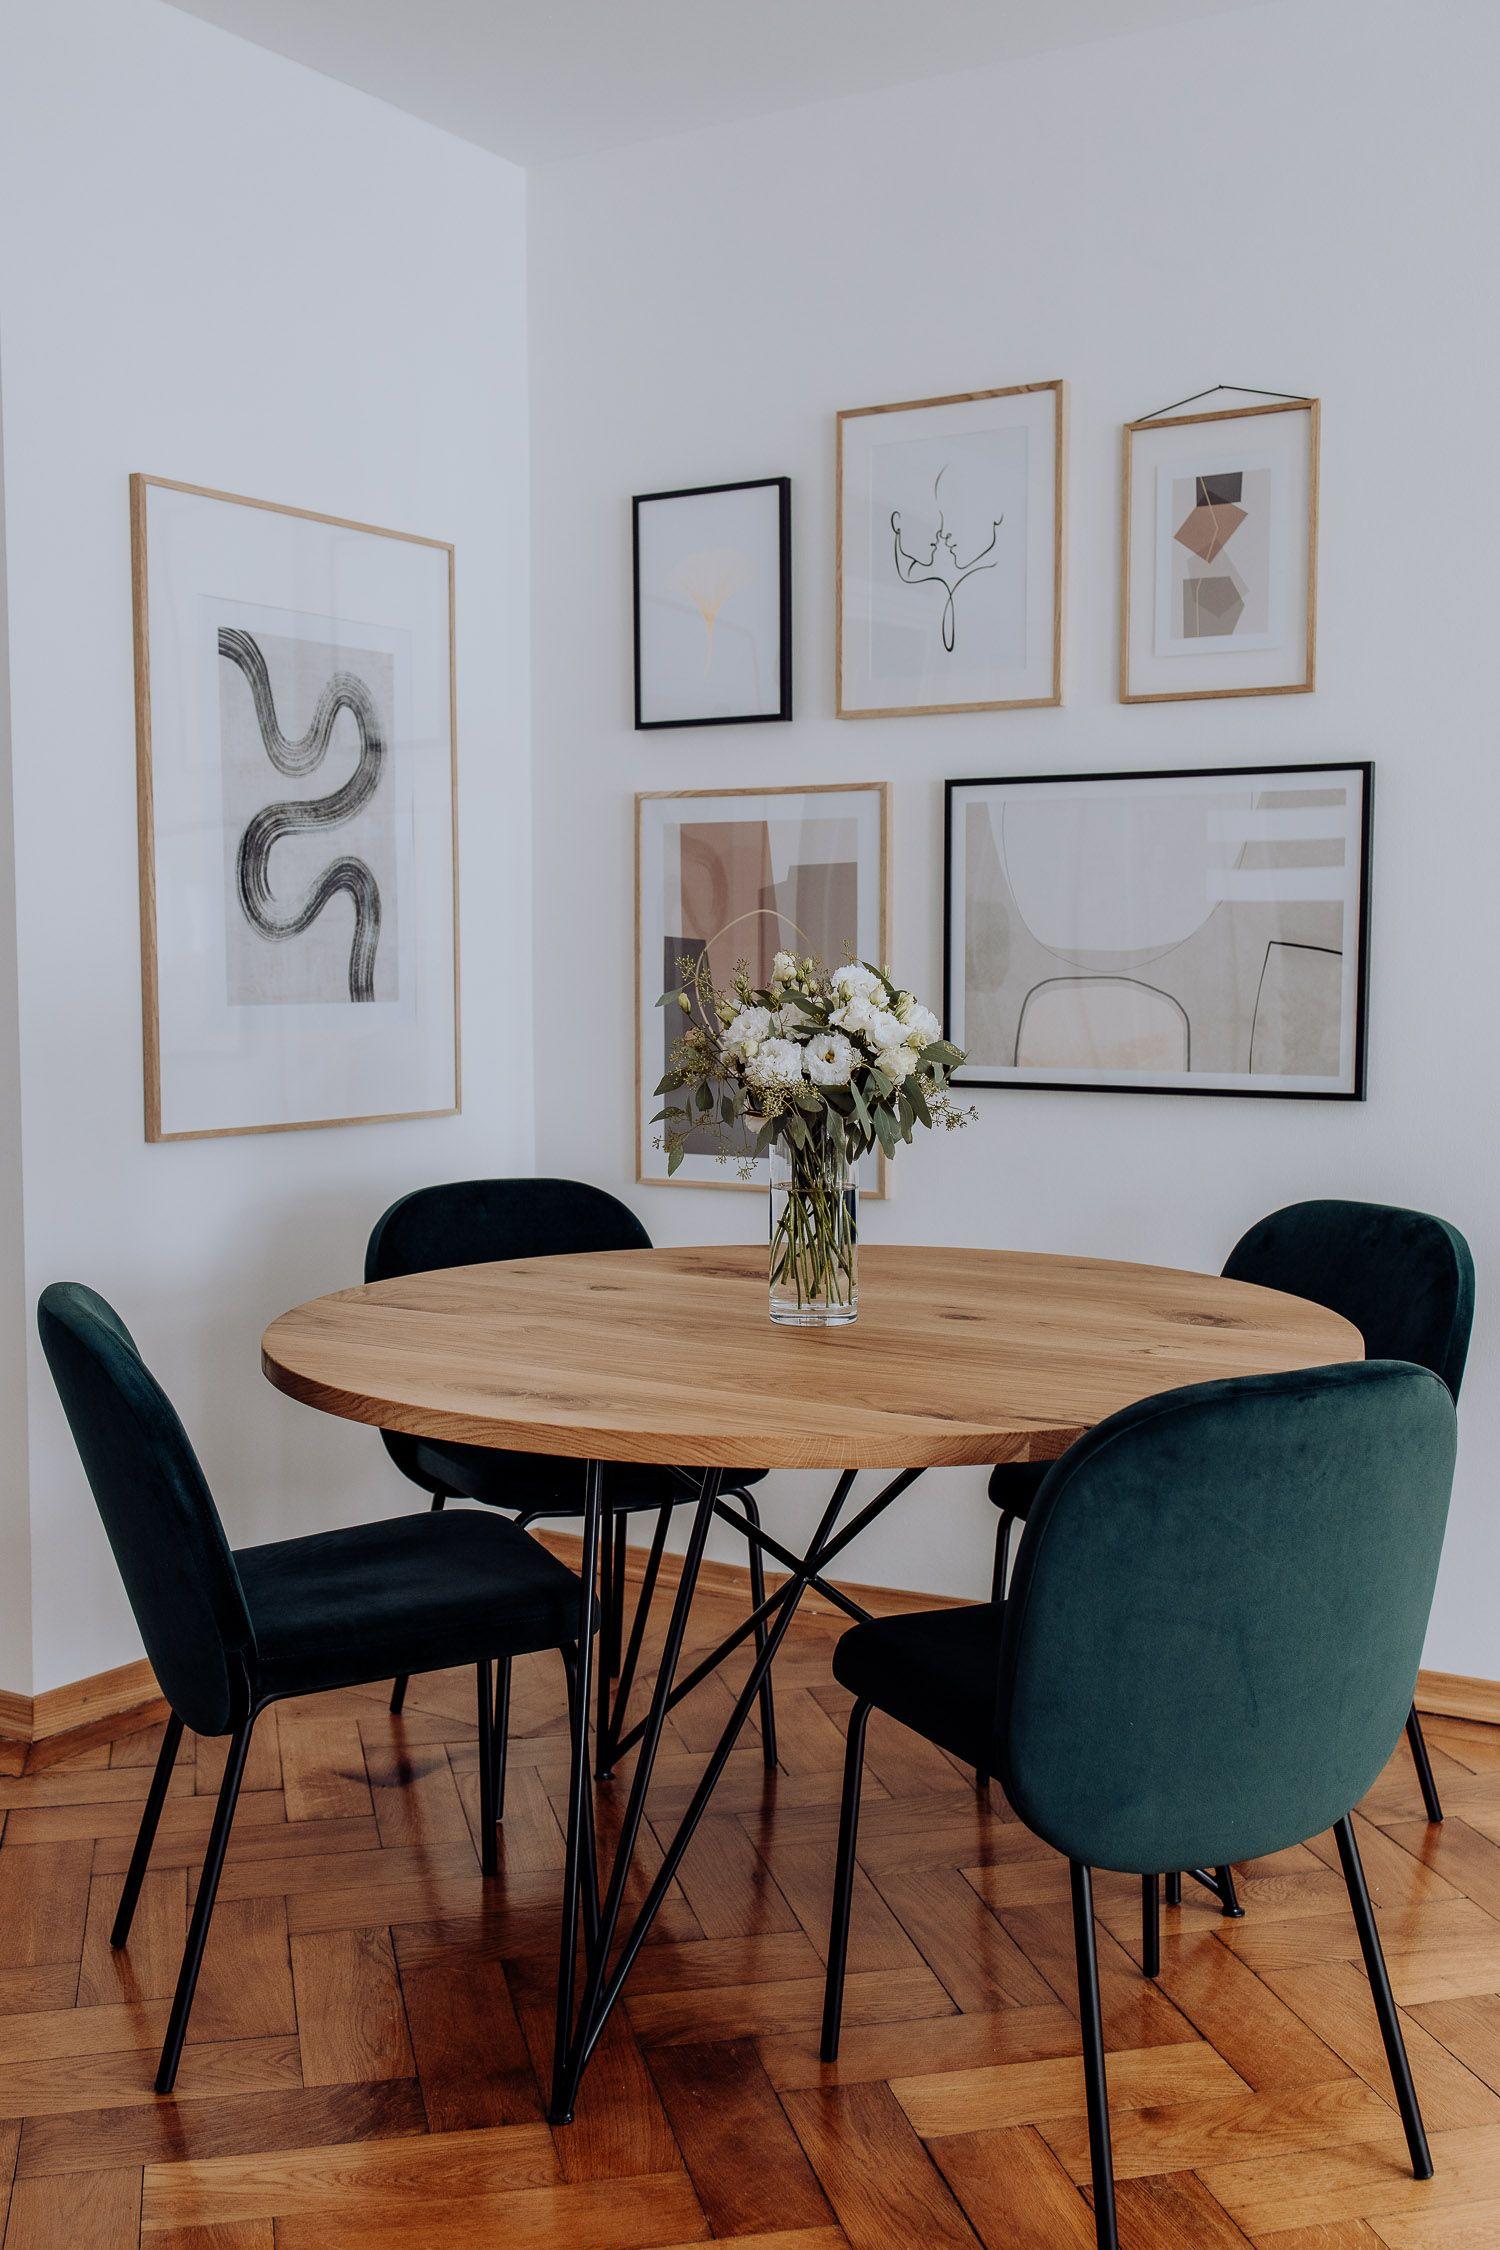 Wohnungs-Update: Unser neuer Essbereich – Josie Loves